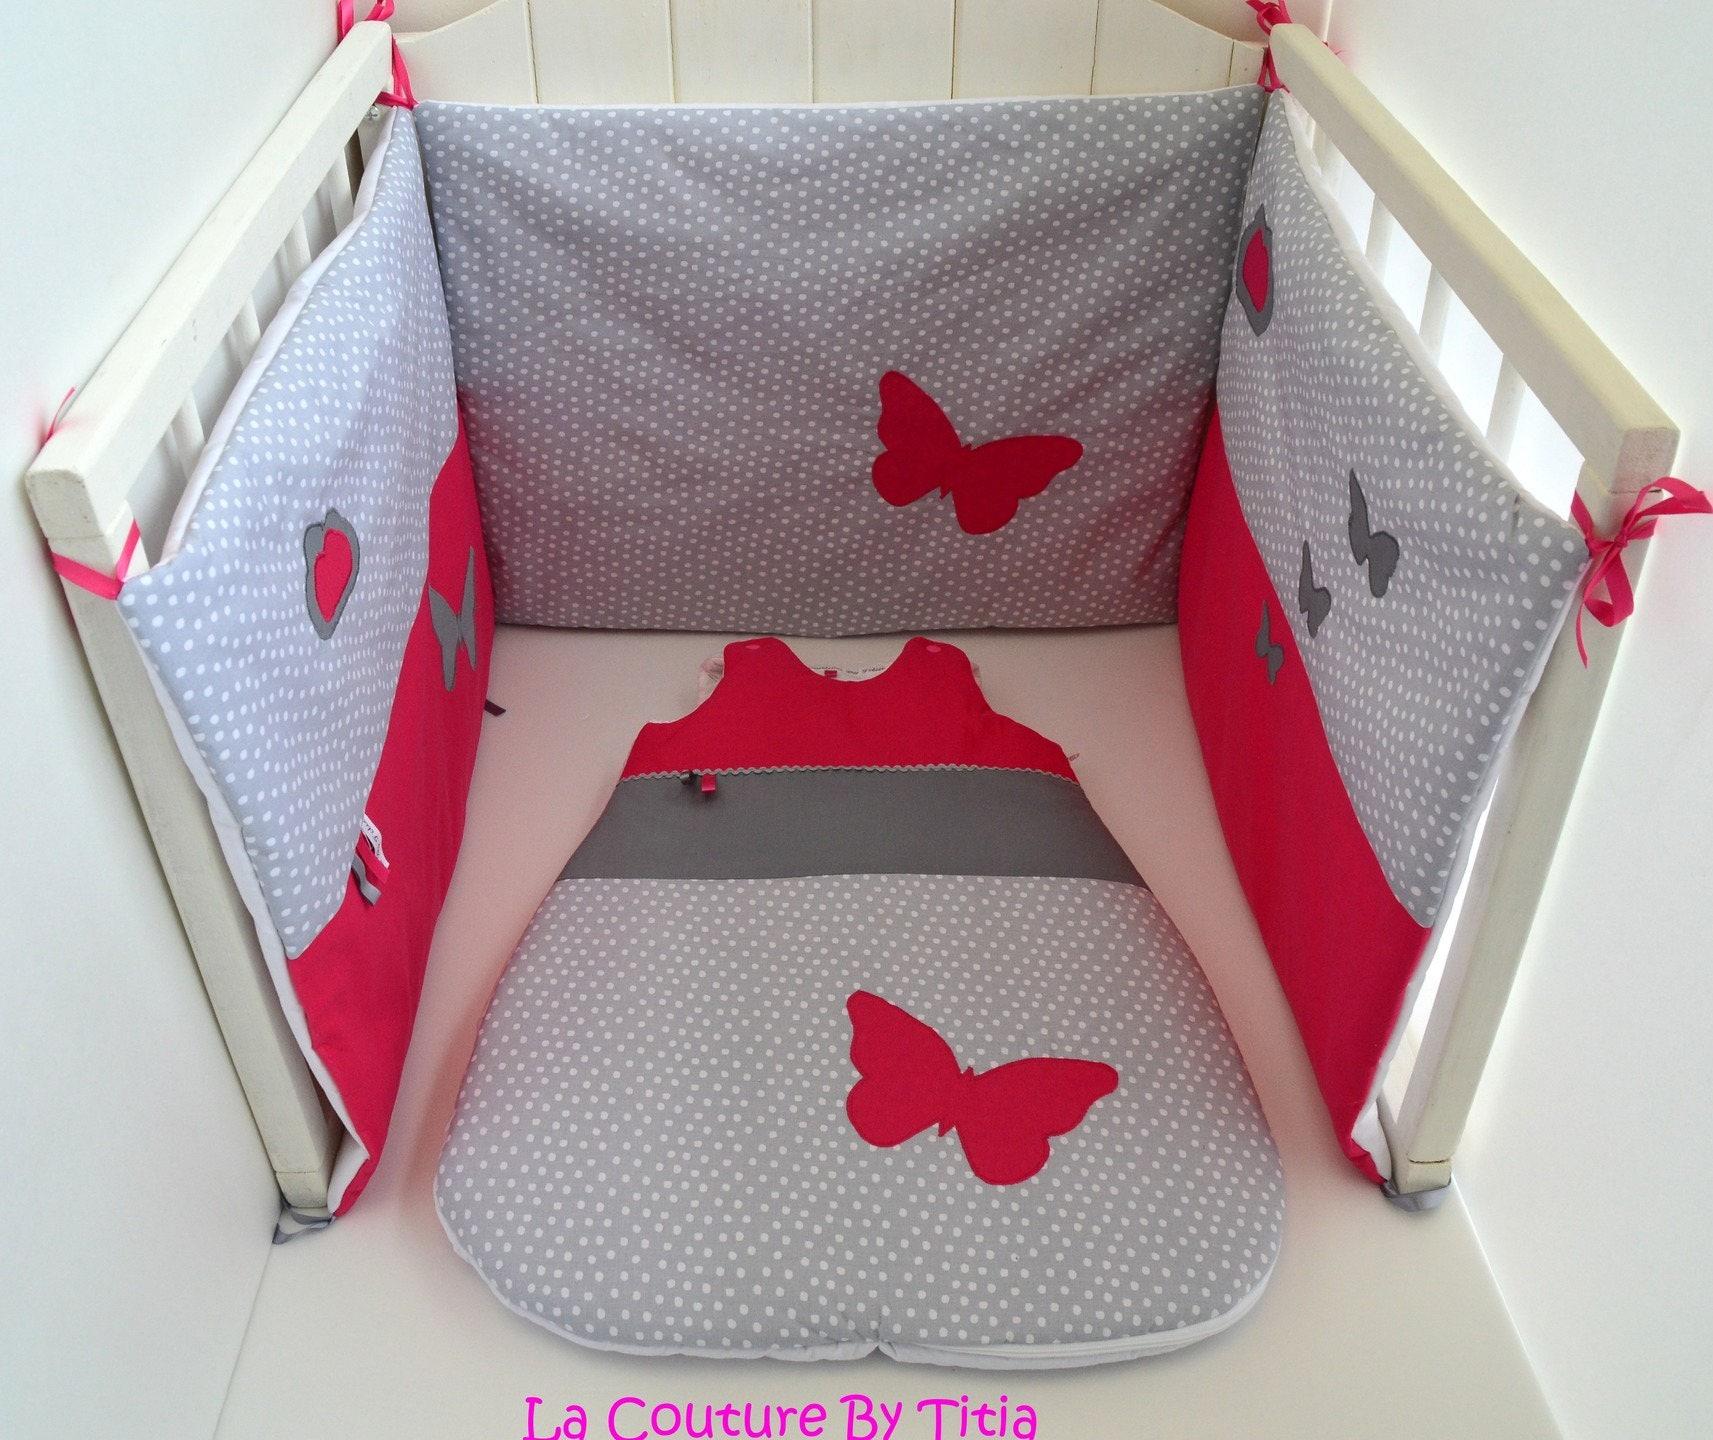 tour de lit et gigoteuse fait main pois papillon gris et rose. Black Bedroom Furniture Sets. Home Design Ideas